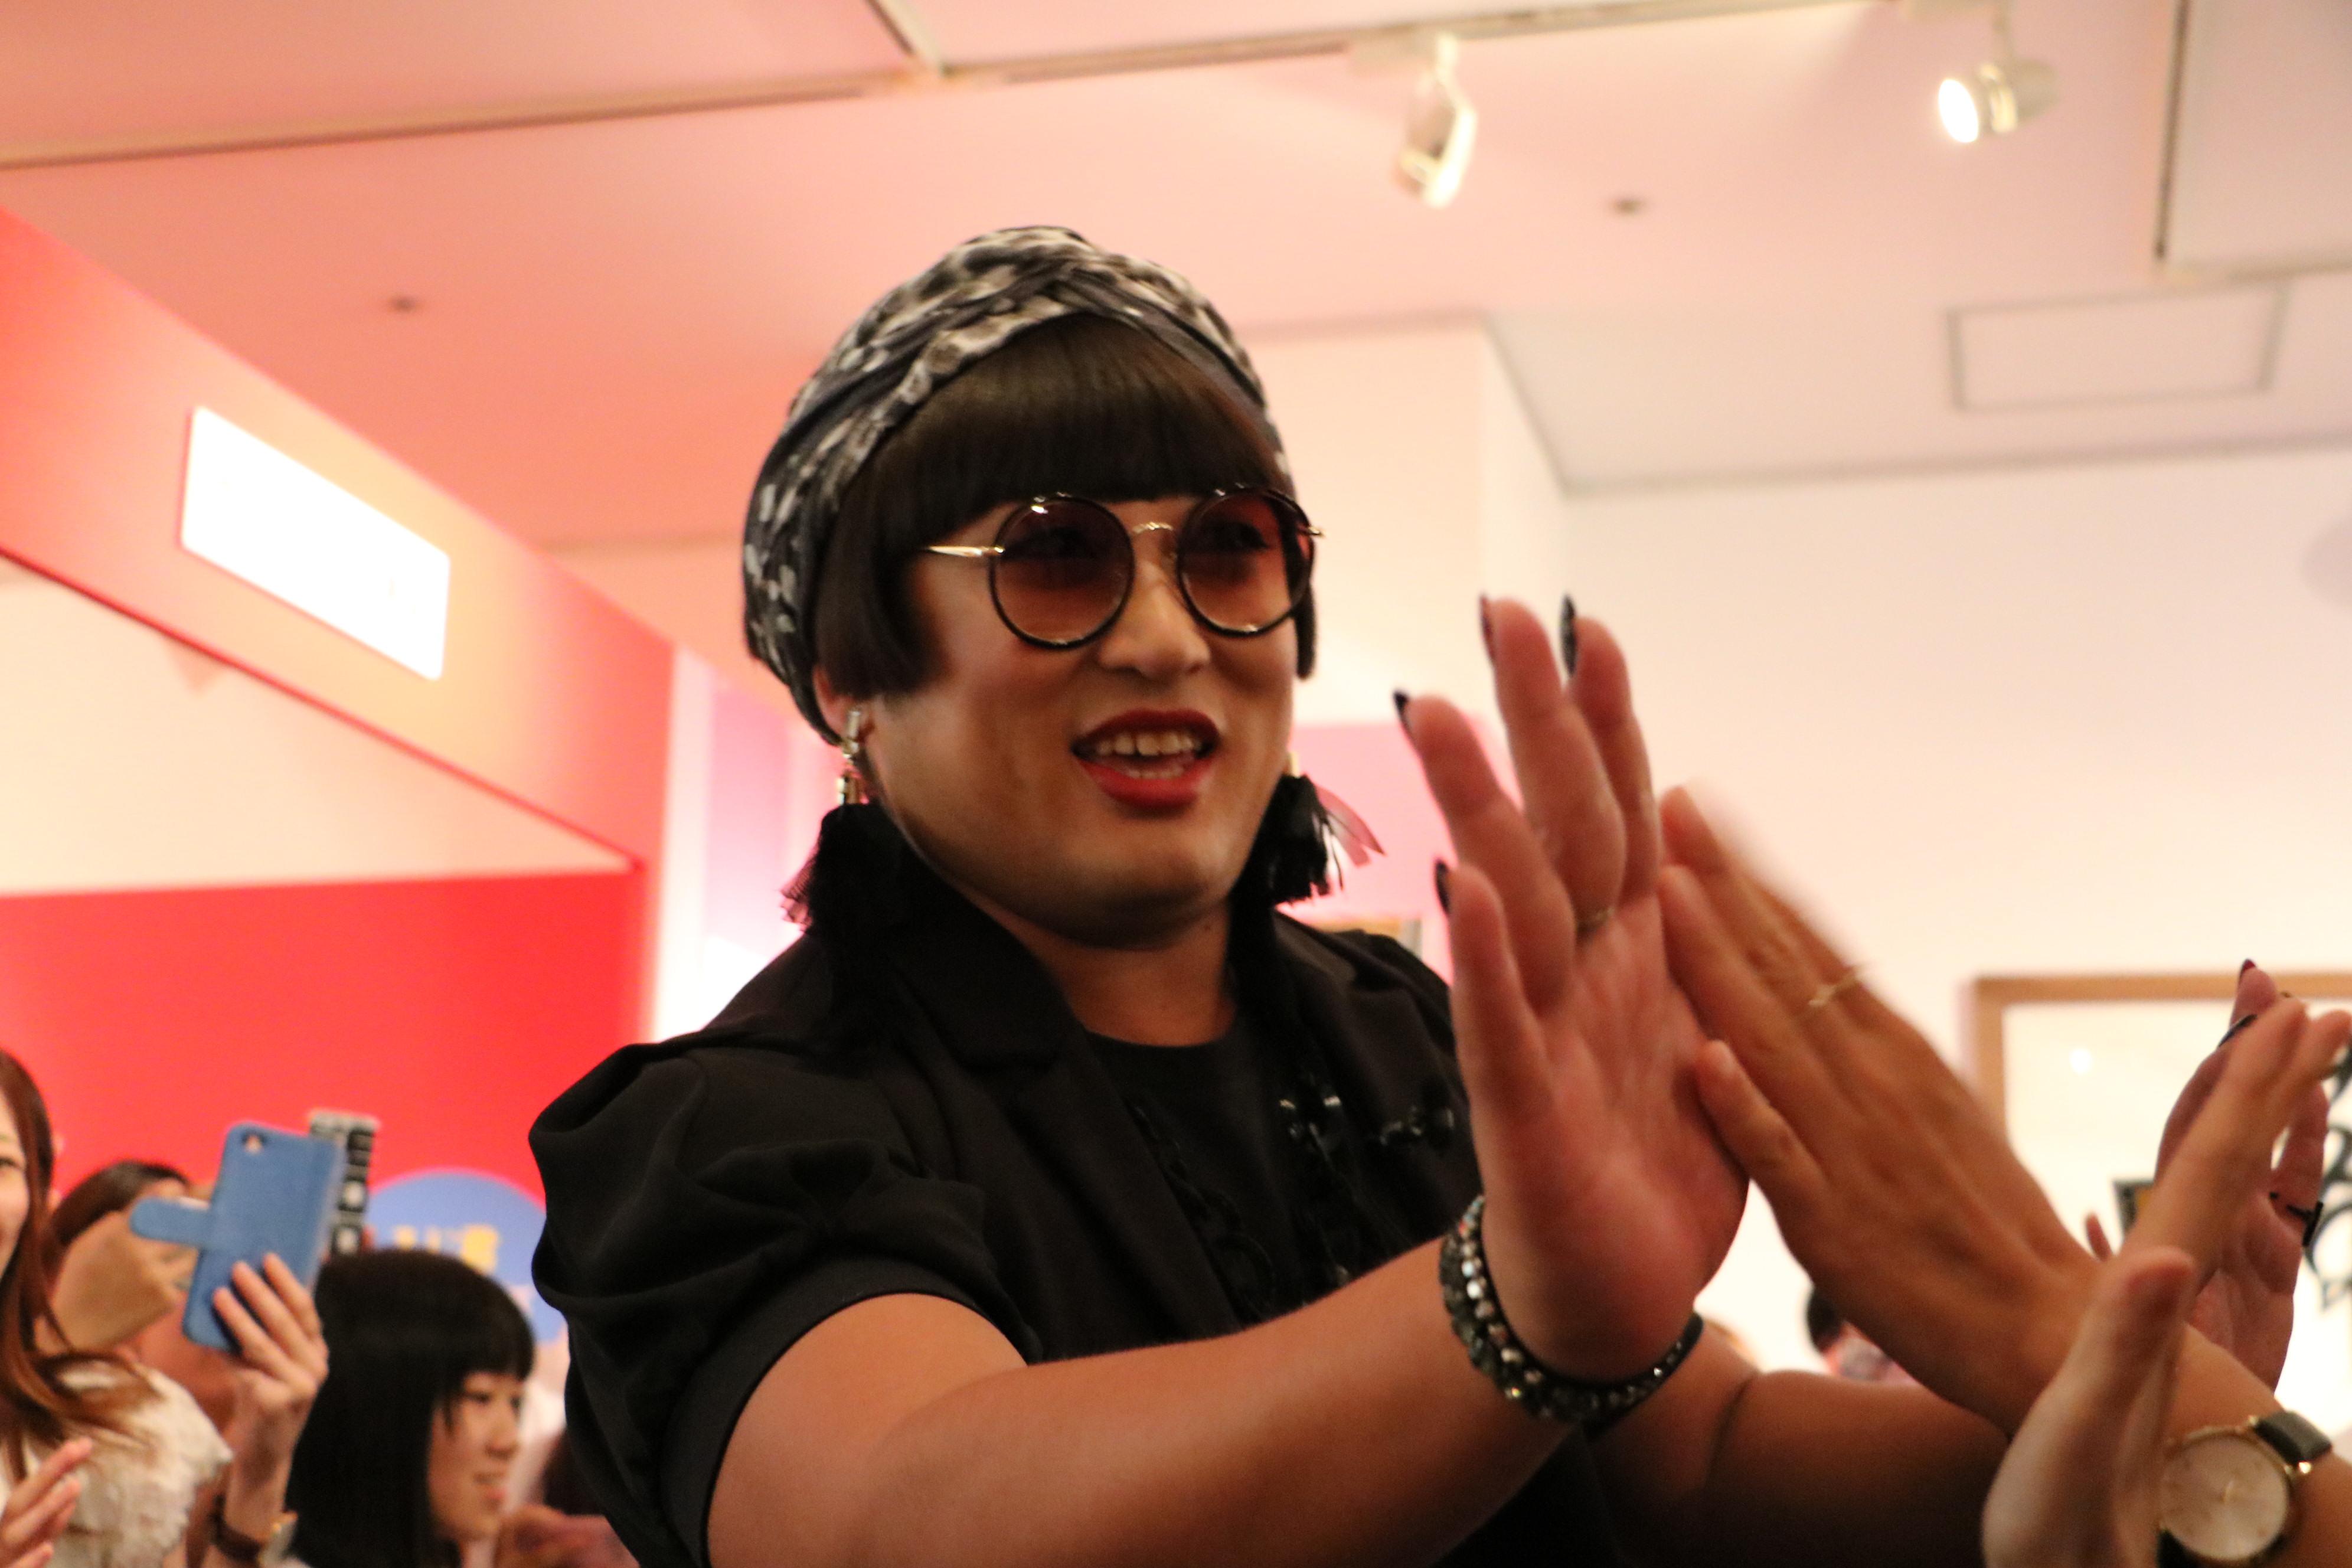 「クリエイターズ・ファイル祭」にYOKO FUCHIGAMIさん現る!